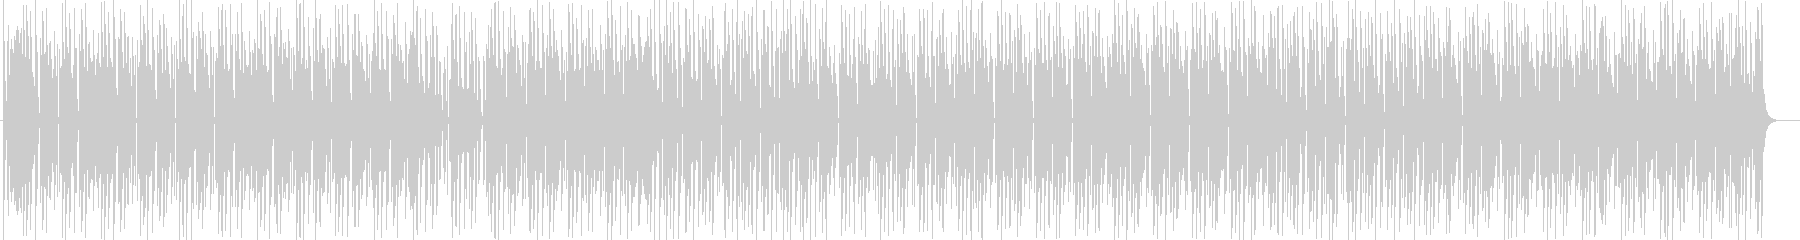 ミディアムテンポEDM風シンセサイザー曲の未再生の波形